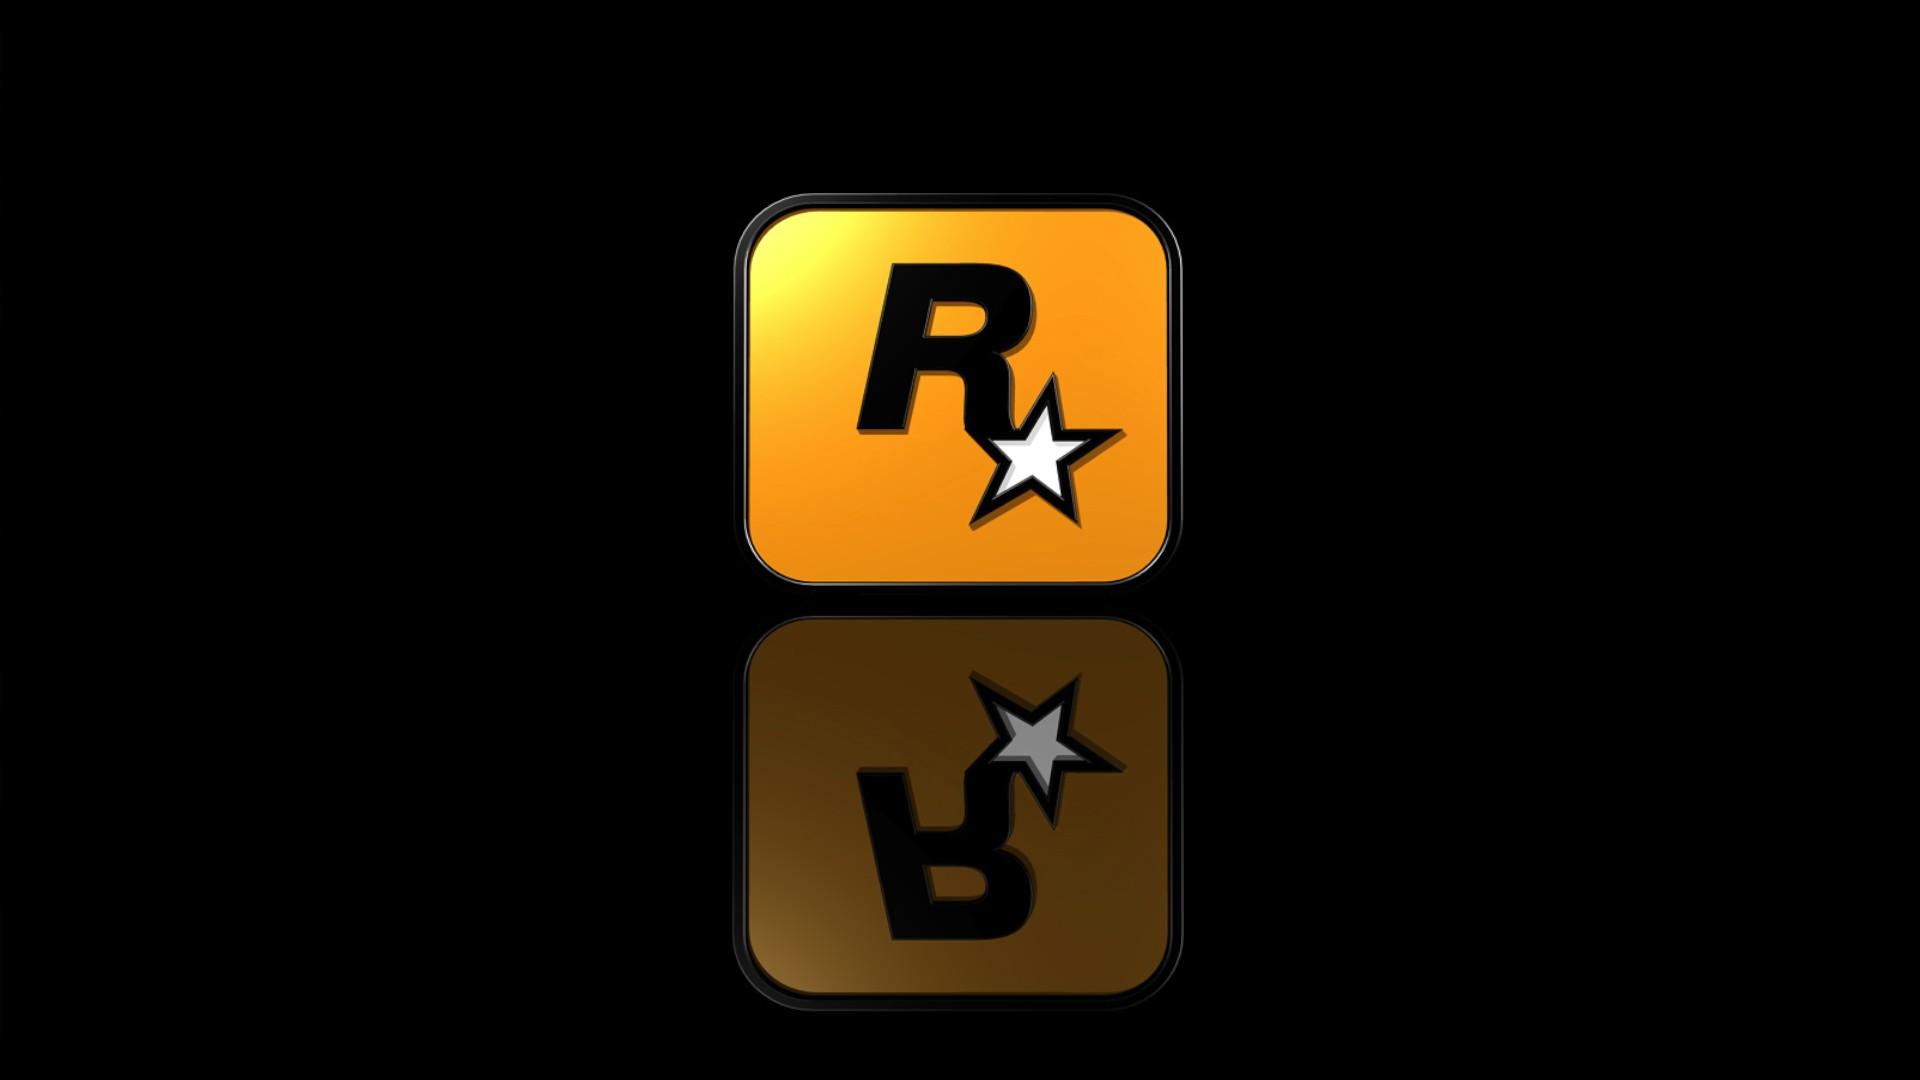 rockstar games logo desktop wallpaper 58818